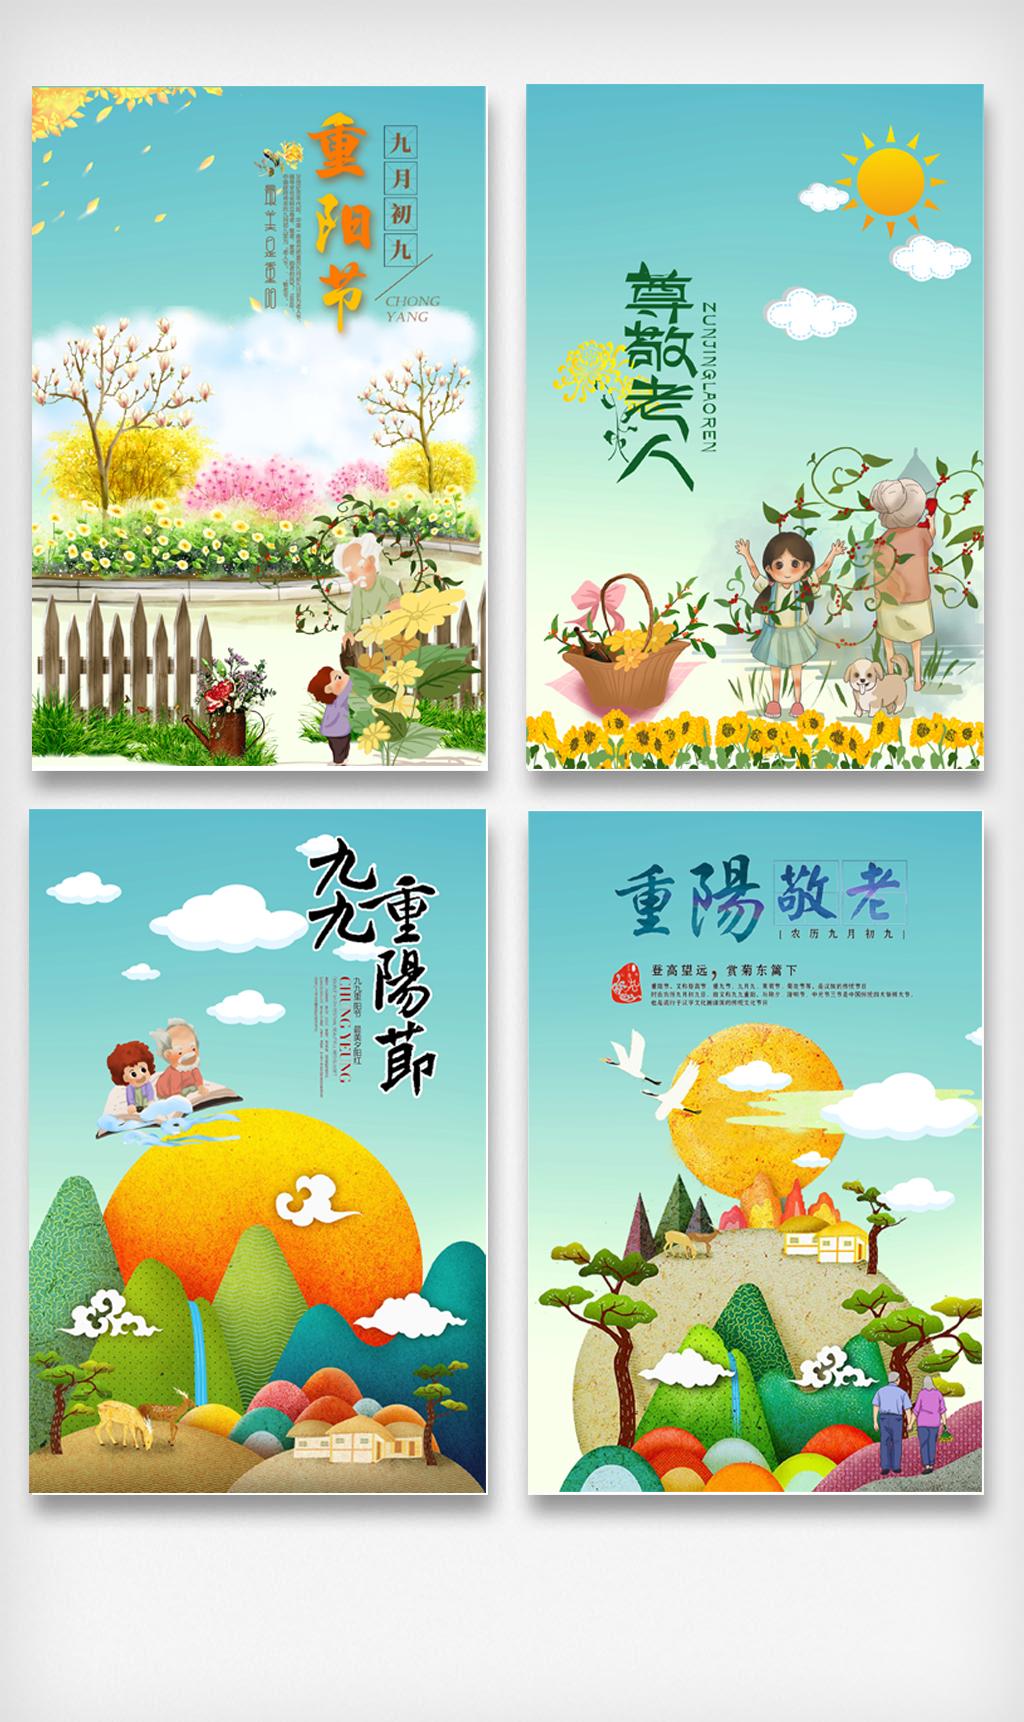 卡通梦幻重阳节尊敬老人海报背景元素